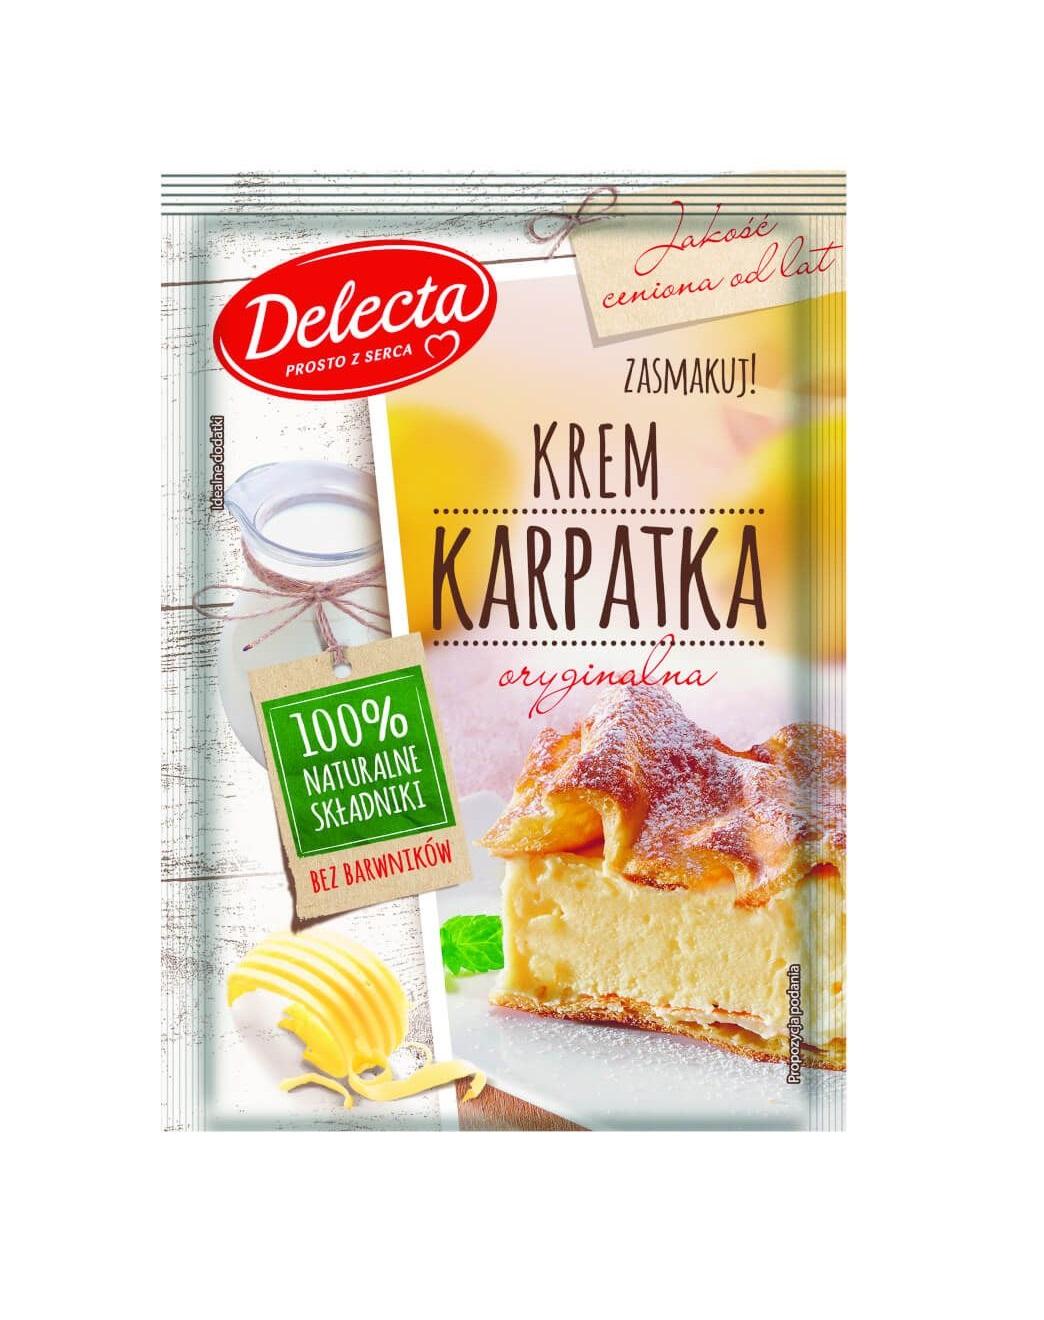 del-karpatka- delecta 250g